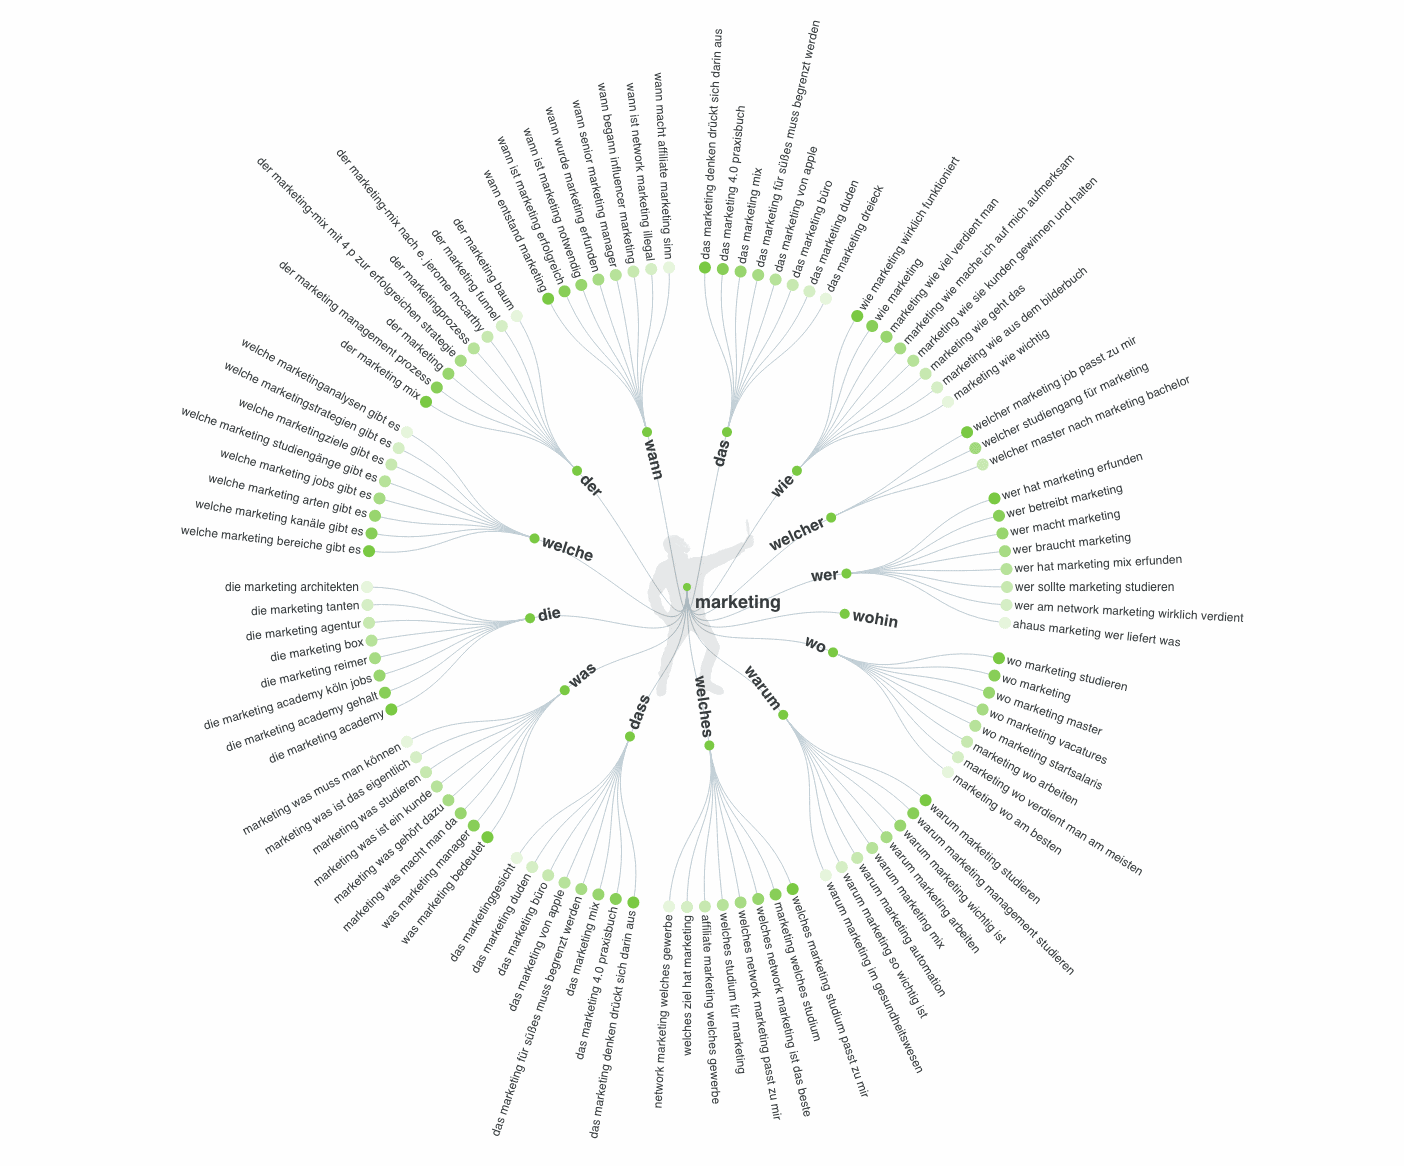 """Mindmap von Answerthepublic zum Begriff """"Marketing"""""""